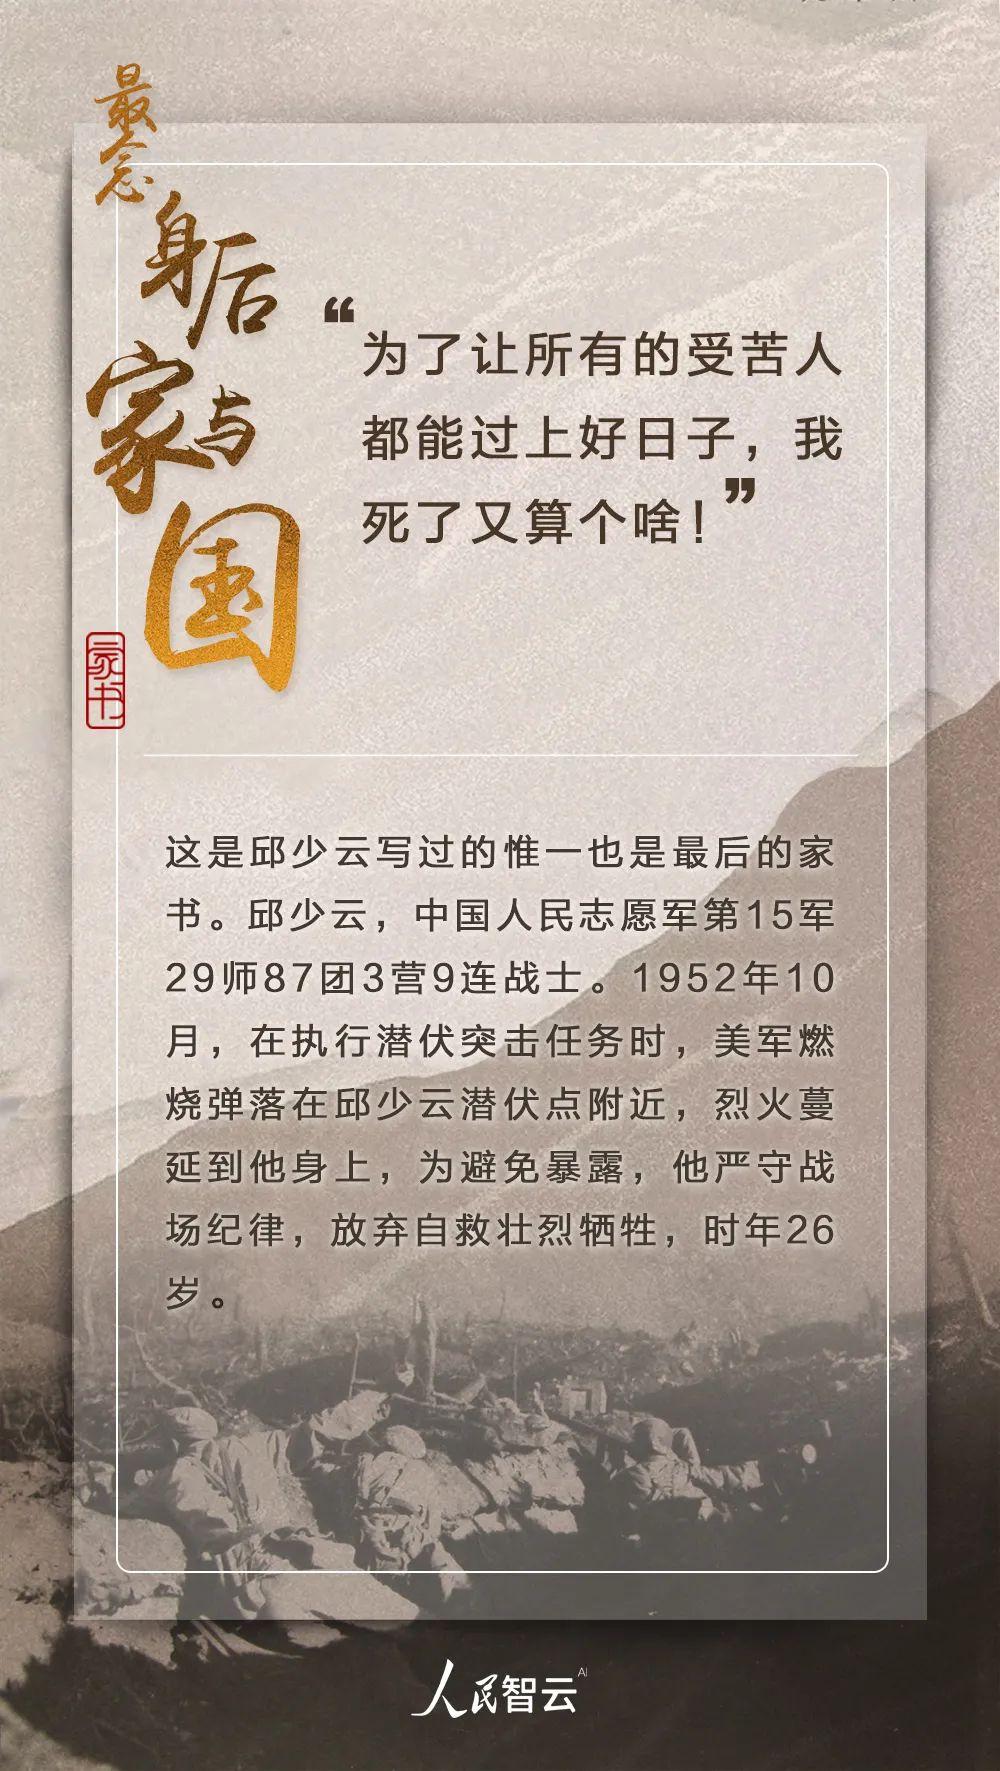 【纪念】英雄的家书图片